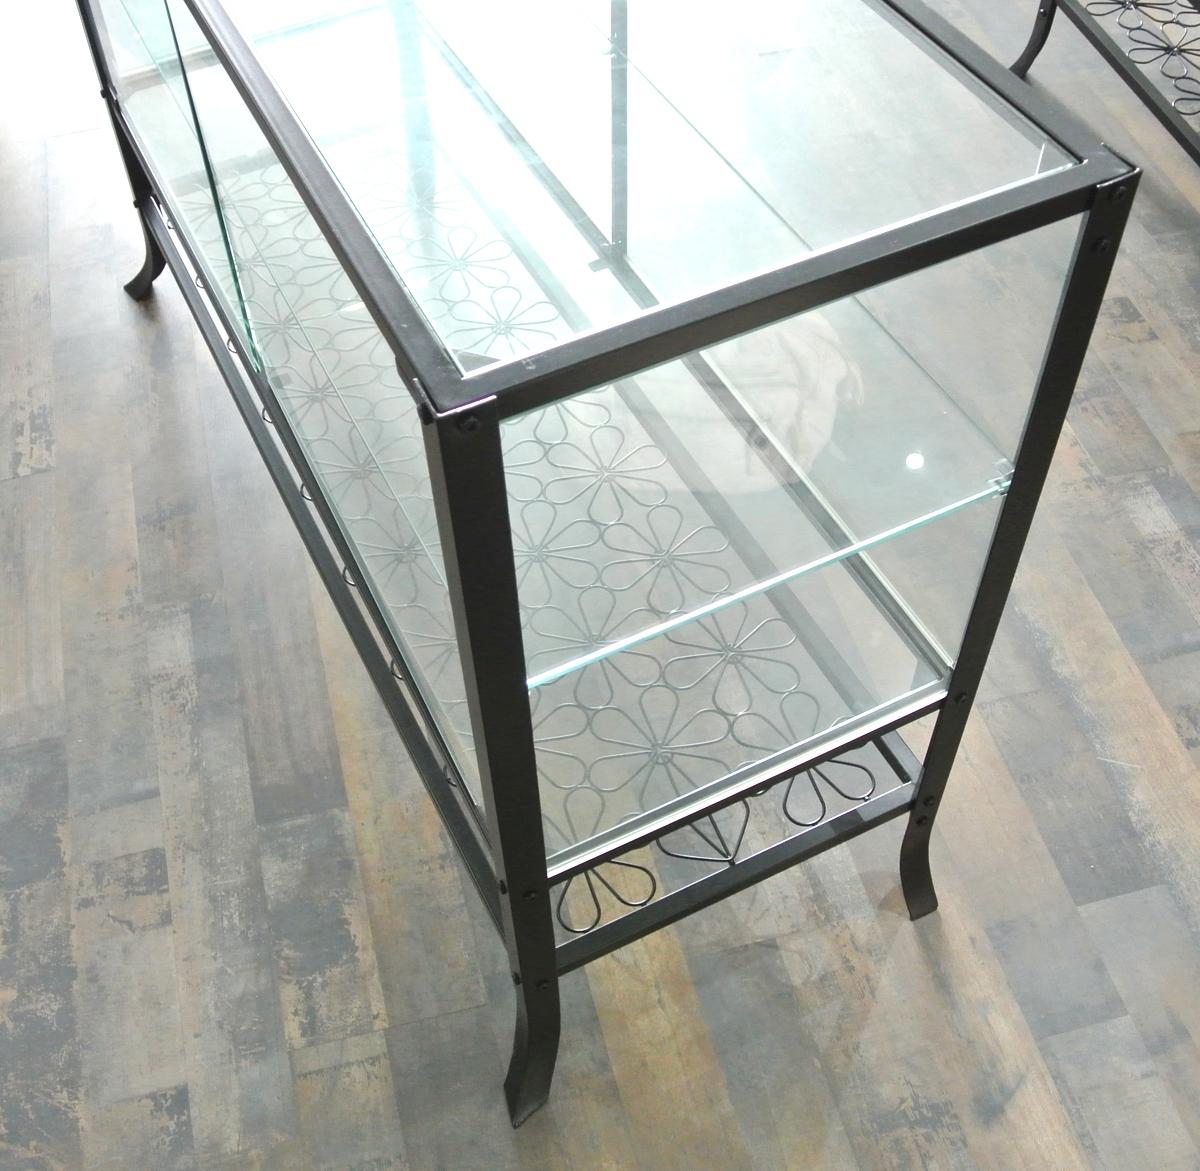 Ikea klingsbo vitrine ca 137 x 46 x 80cm ebay for Vitrine ikea klingsbo